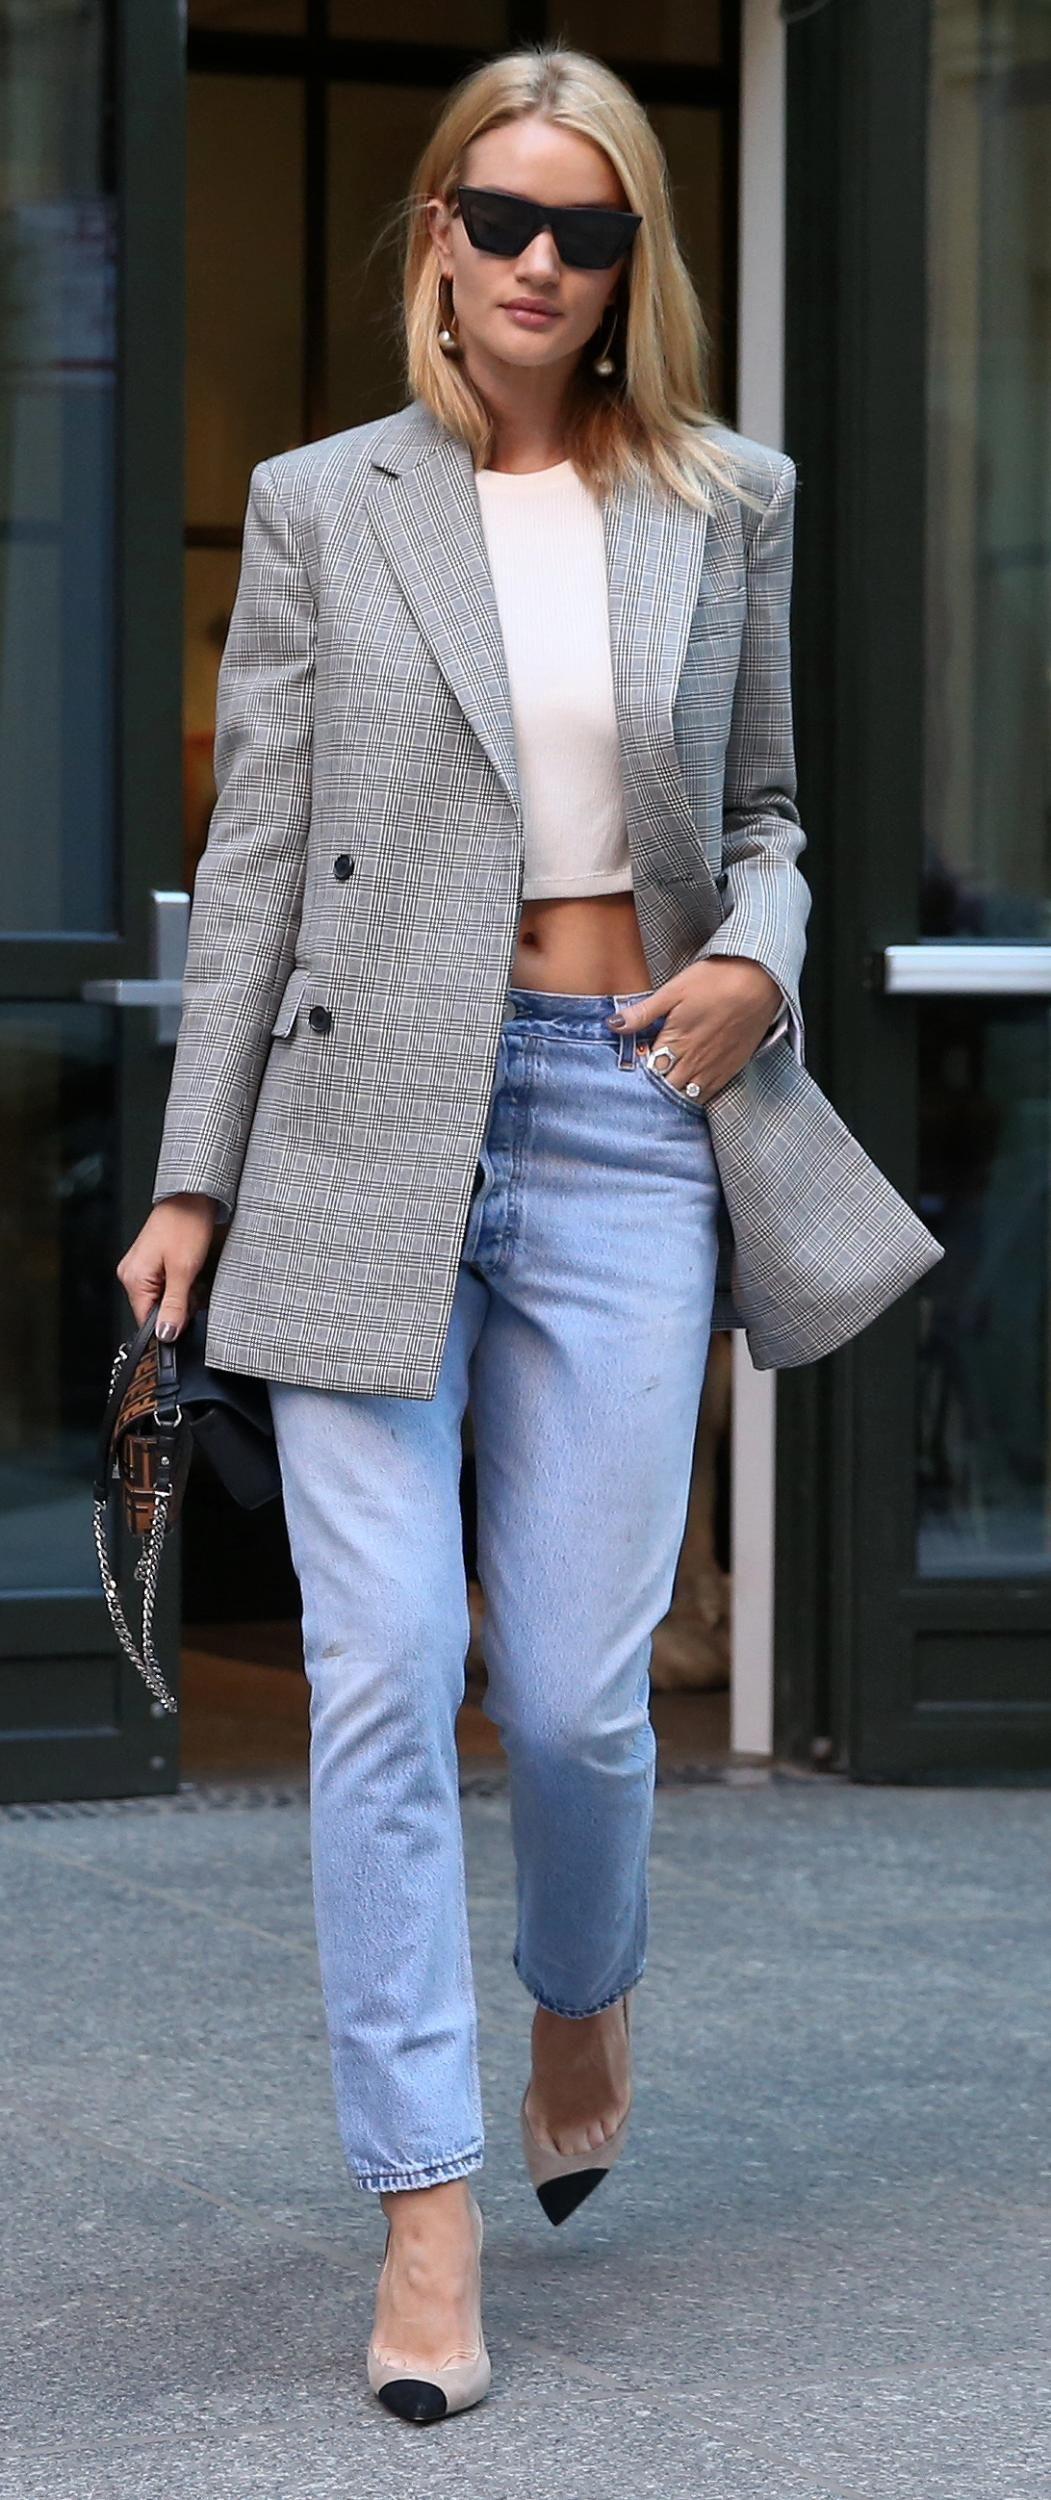 Padu-padan Blazer dan Celana Jeans untuk Gaya Kasual yang Tetap Rapi